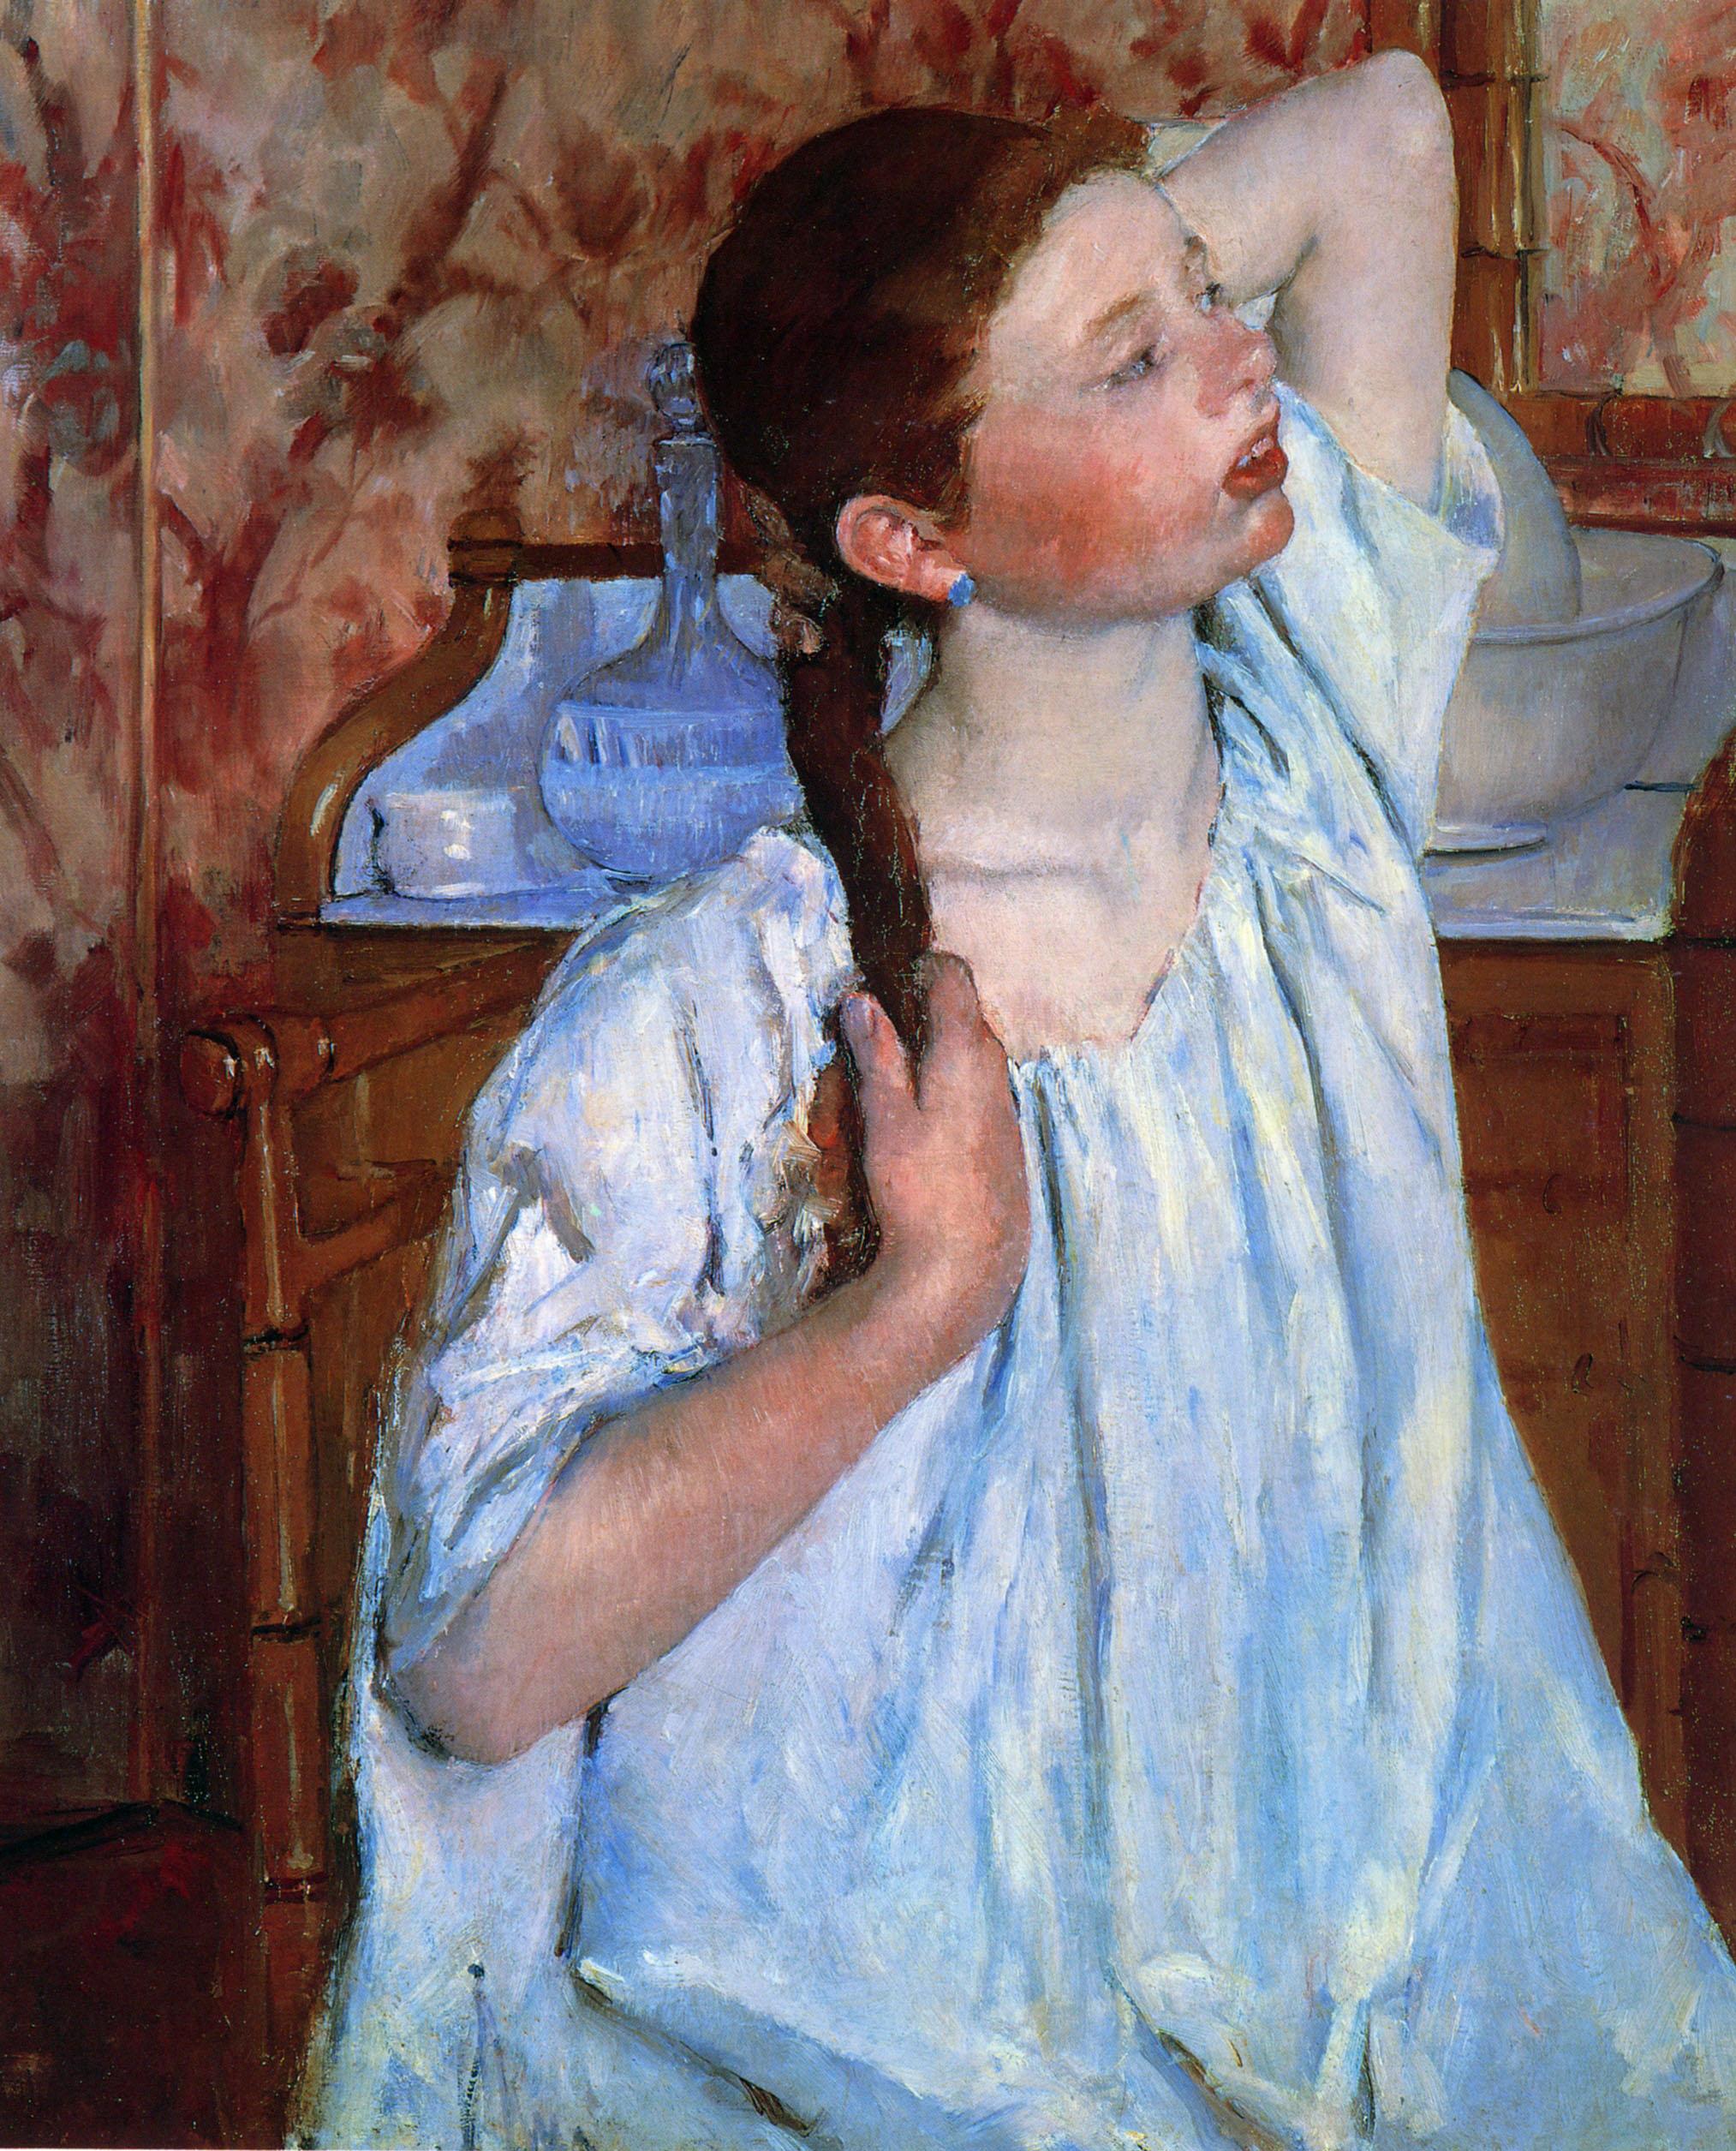 Girl ranging Her Hair, 1886 - Mary Cassatt - WikiArt.org